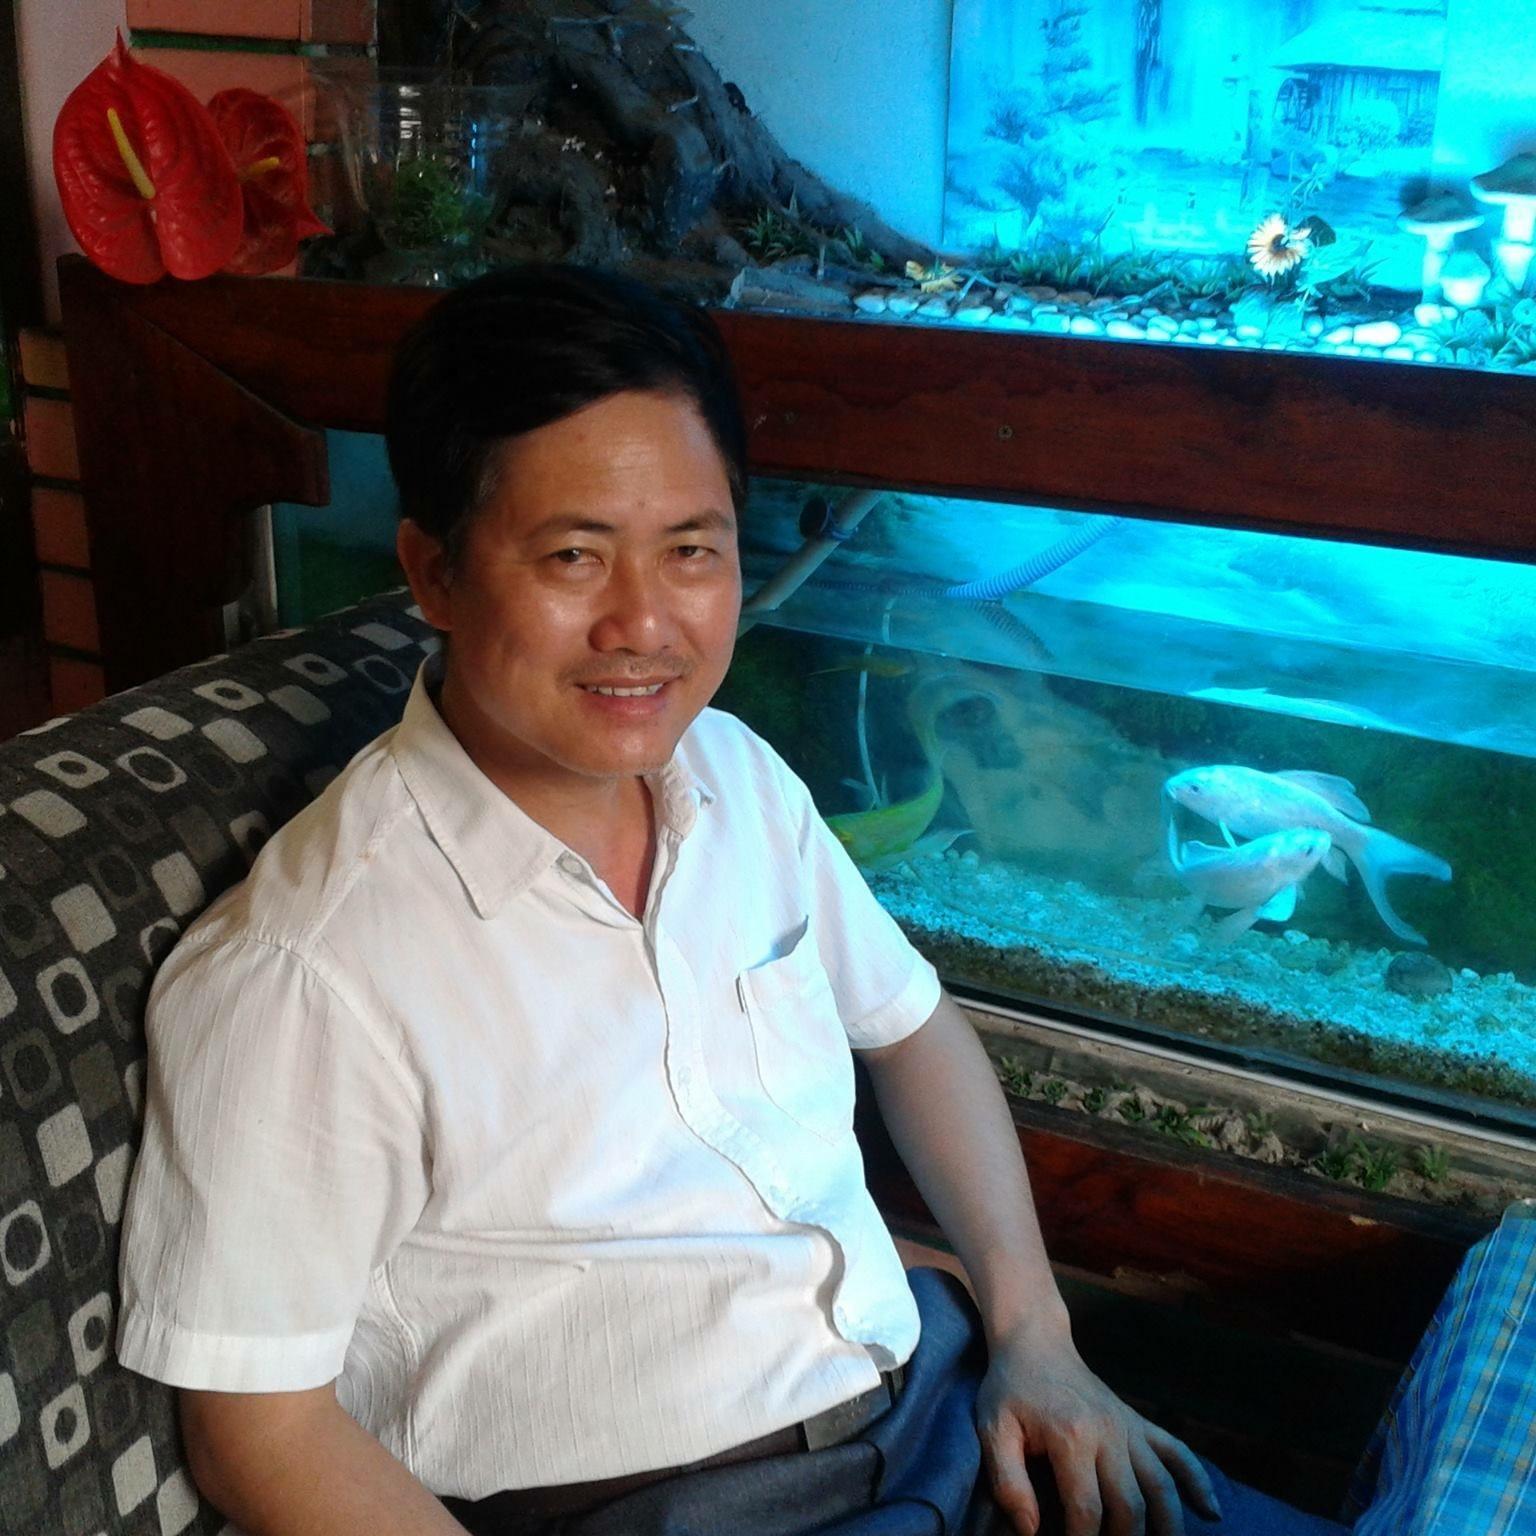 Nhà hoạt động Lưu Văn Vịnh bị công an TPHCM khởi tố theo điều 79